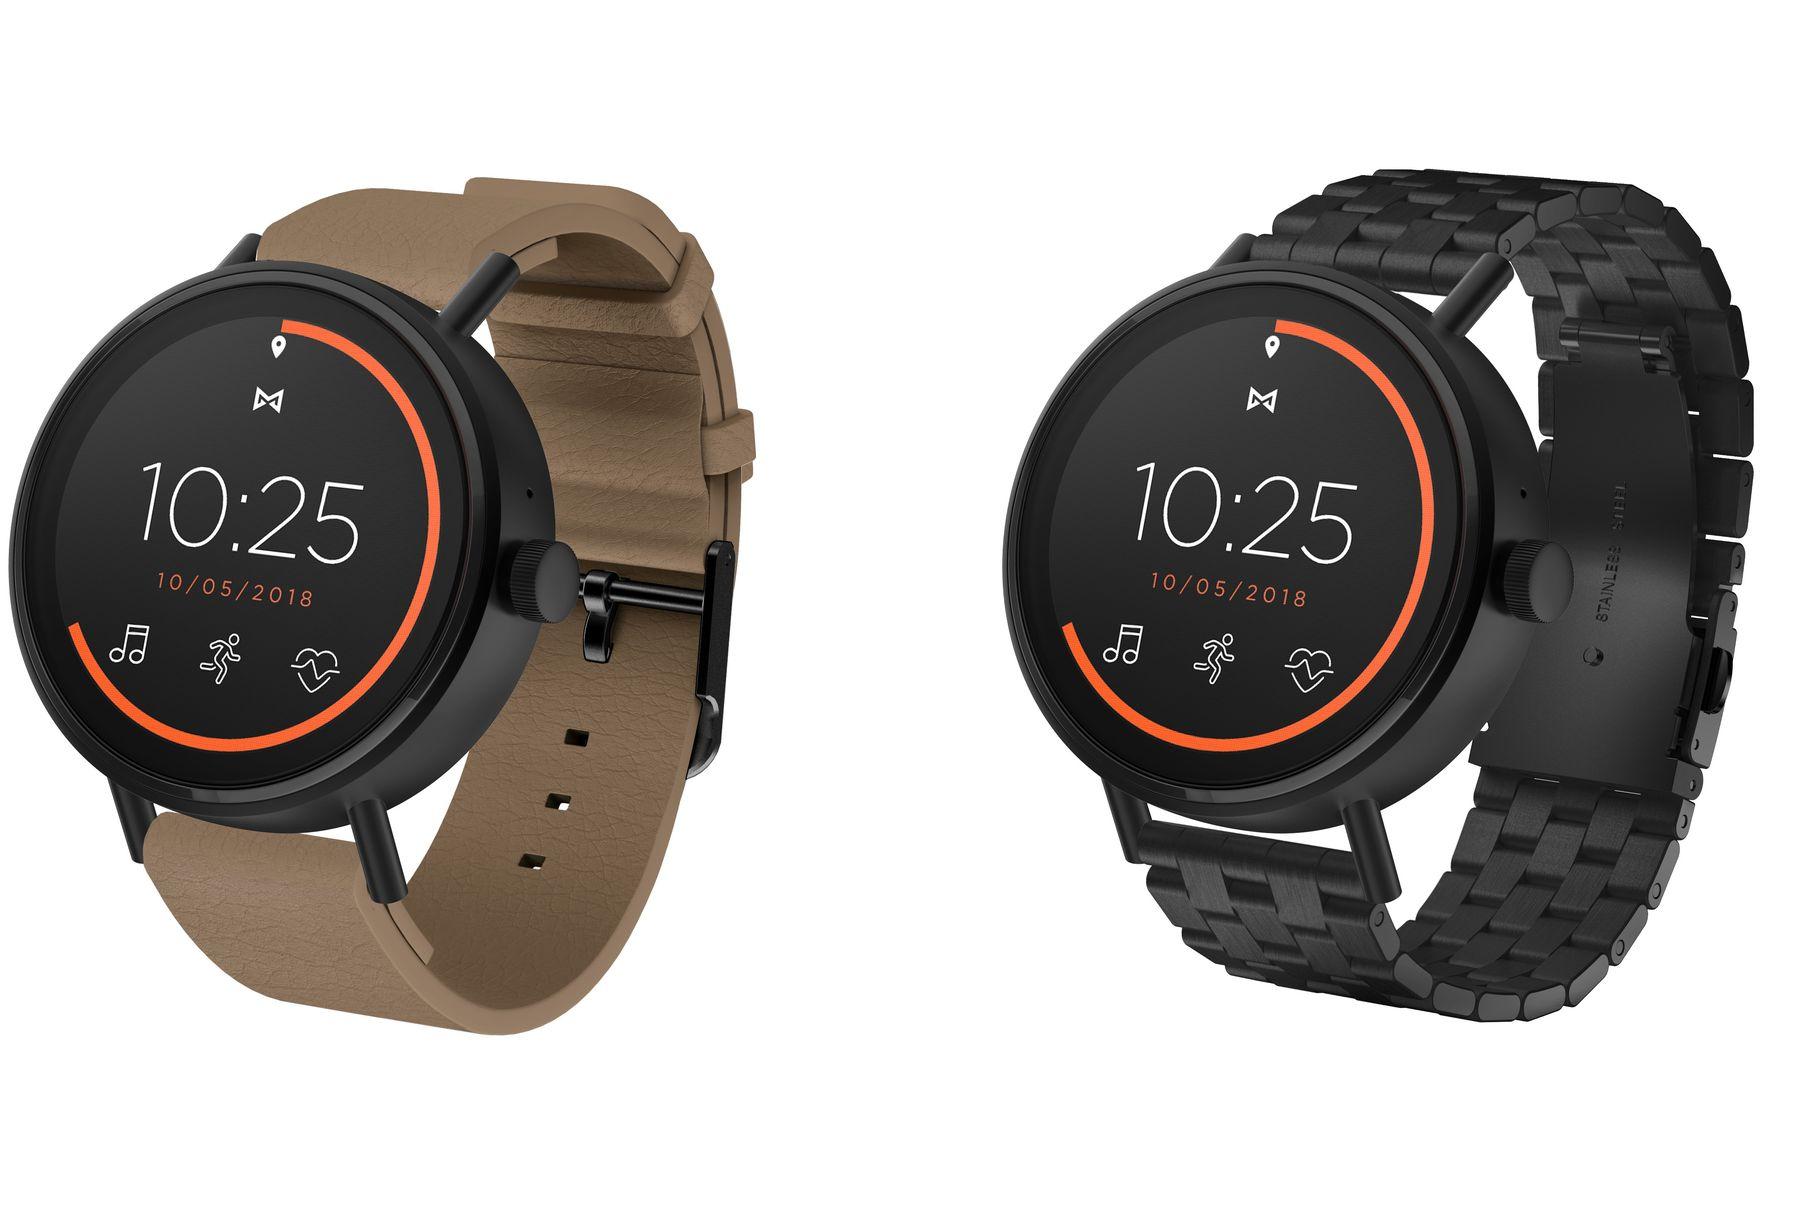 Misfit představil hodinky Vapor 2 s Wear OS – za málo peněz hodně muziky